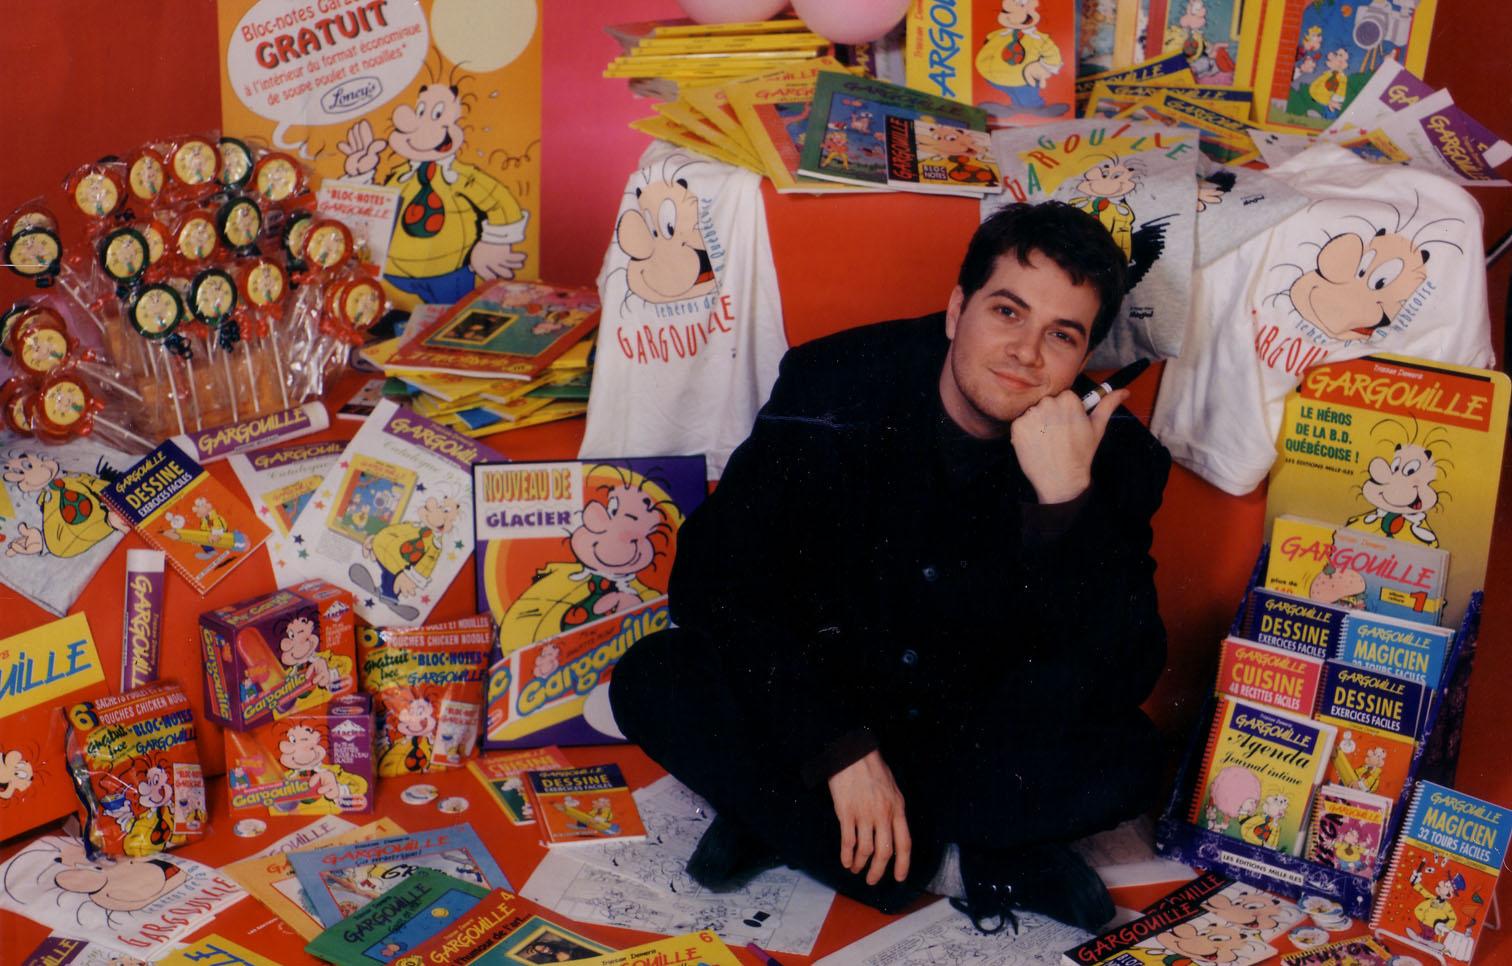 Tristan Demers - Créateur des BD Gargouille et Les Minimaniacs